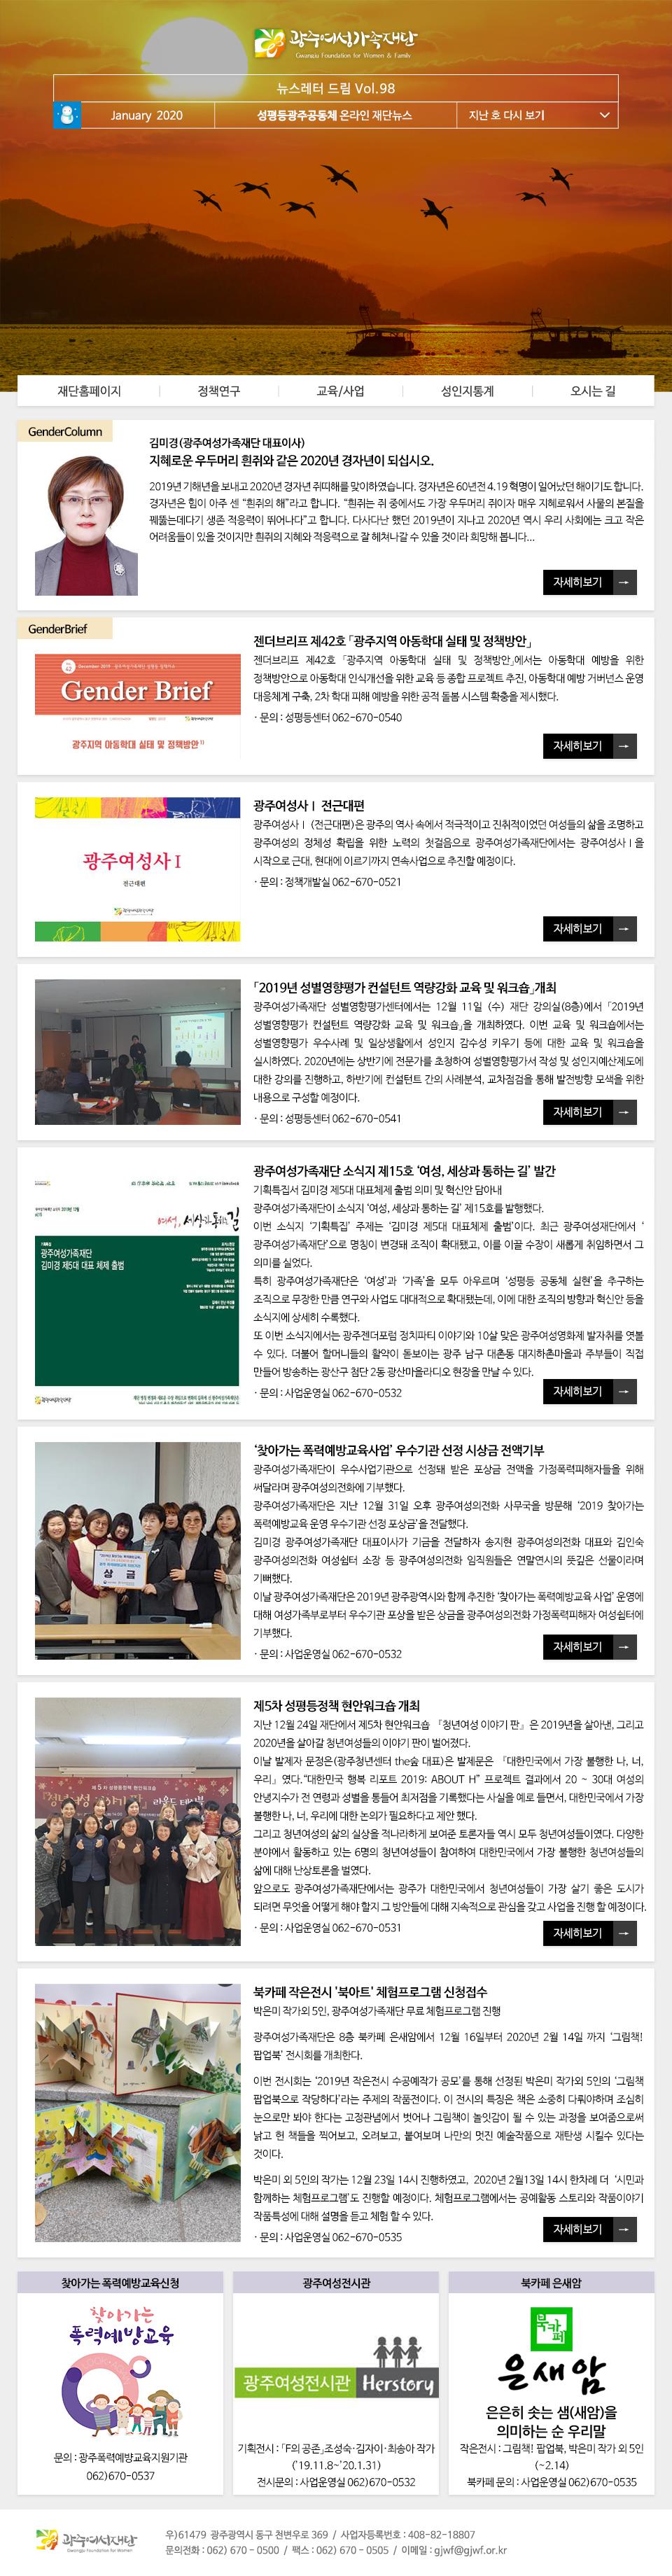 뉴스레터 드림 98호(20.1월) 썸네일